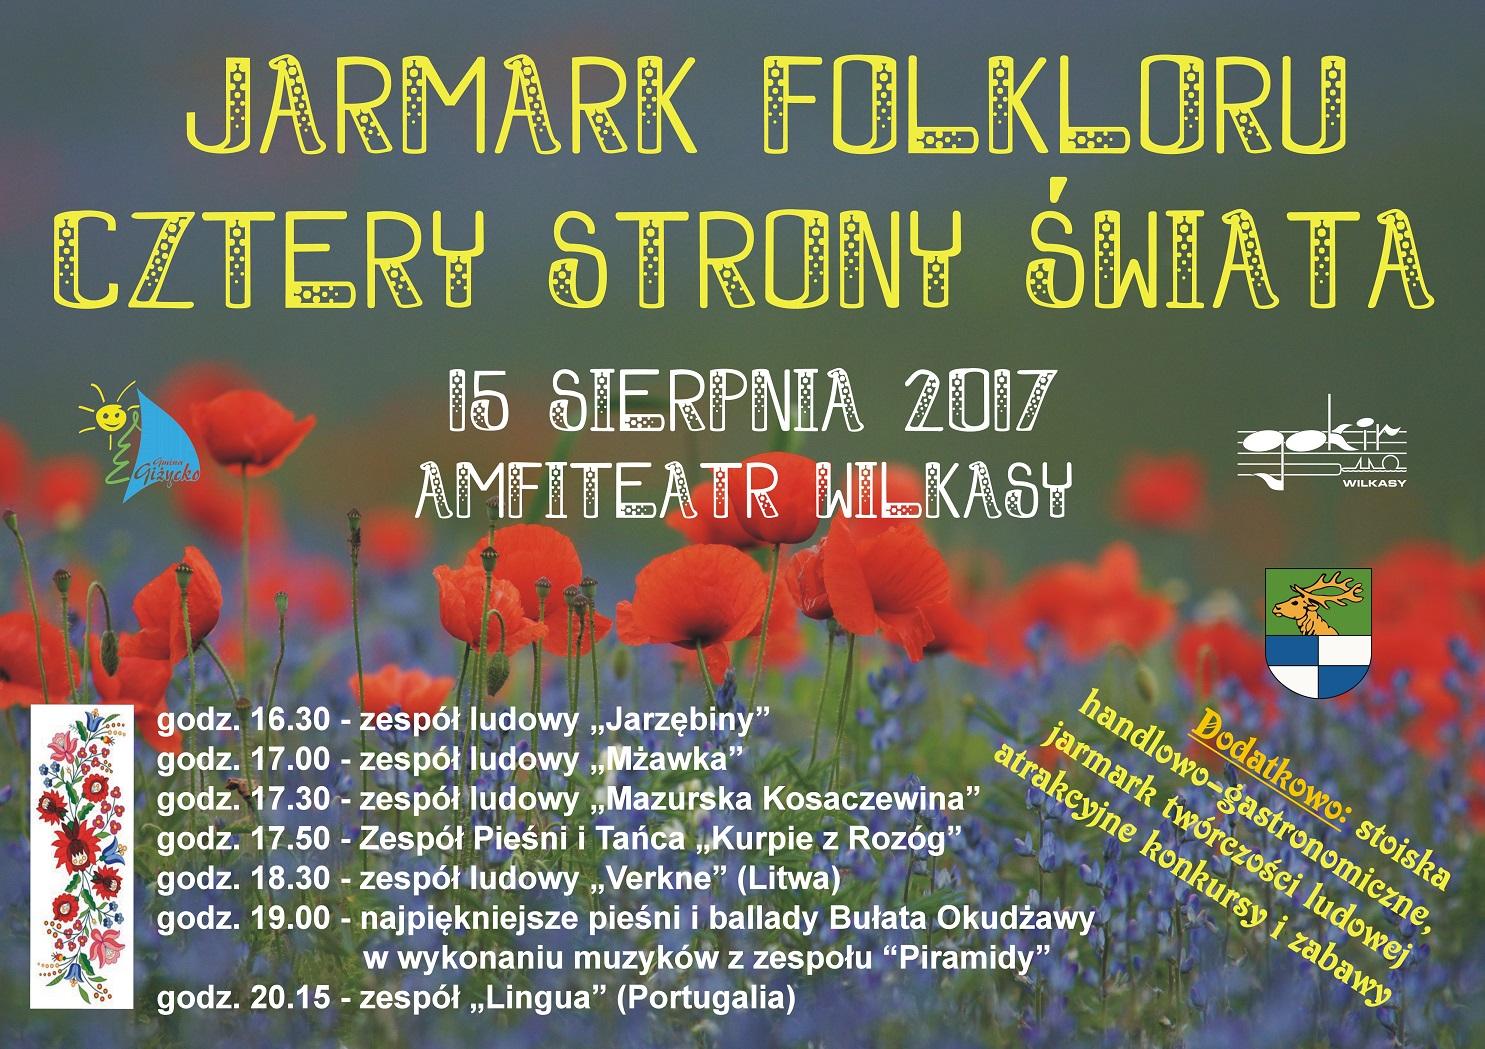 Jarmark folkloru 2017